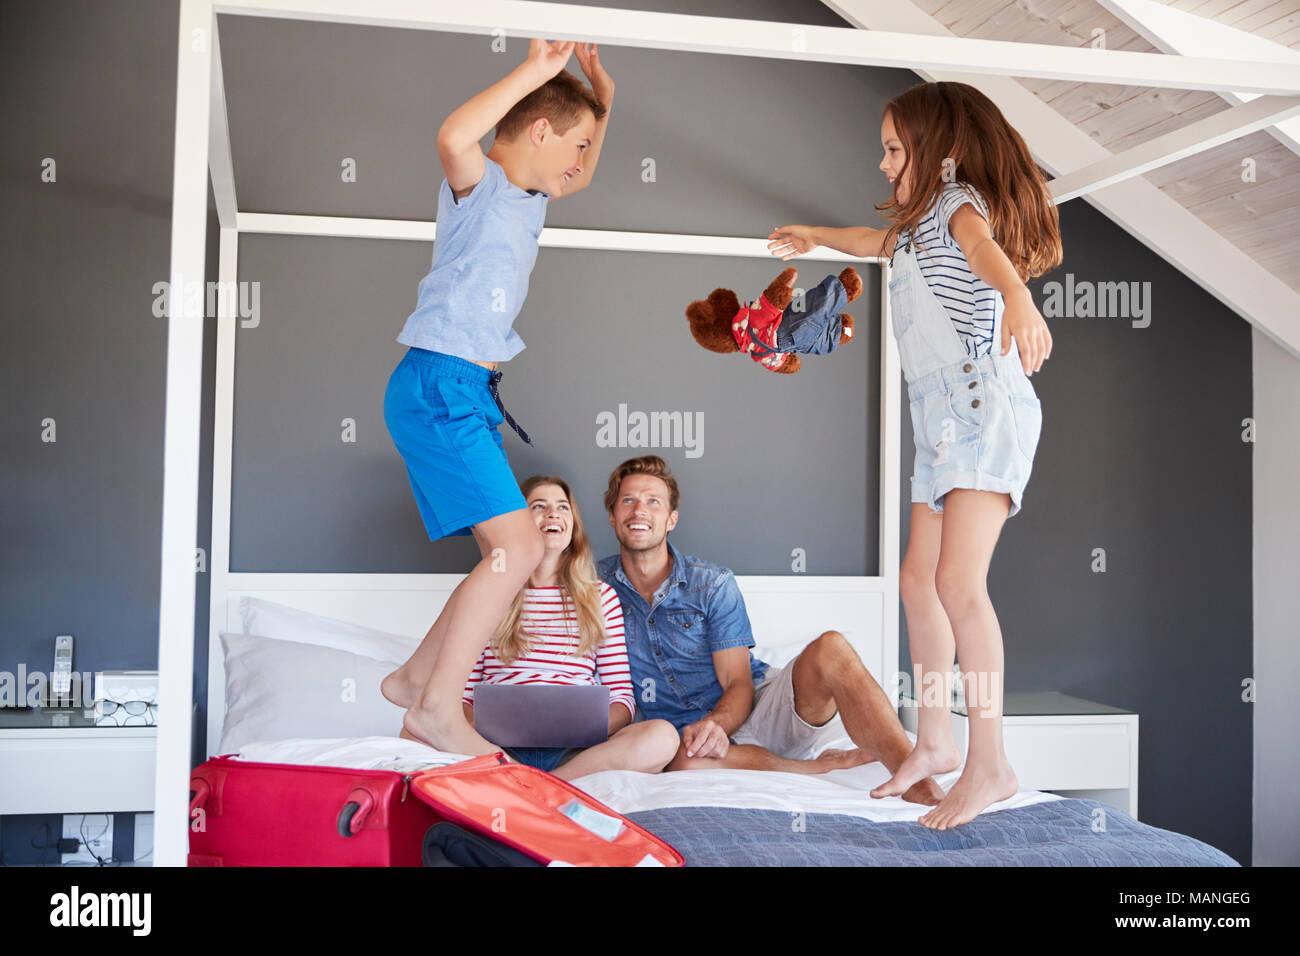 Emozionato i bambini saltare sul letto con i genitori Pack per le vacanze Immagini Stock